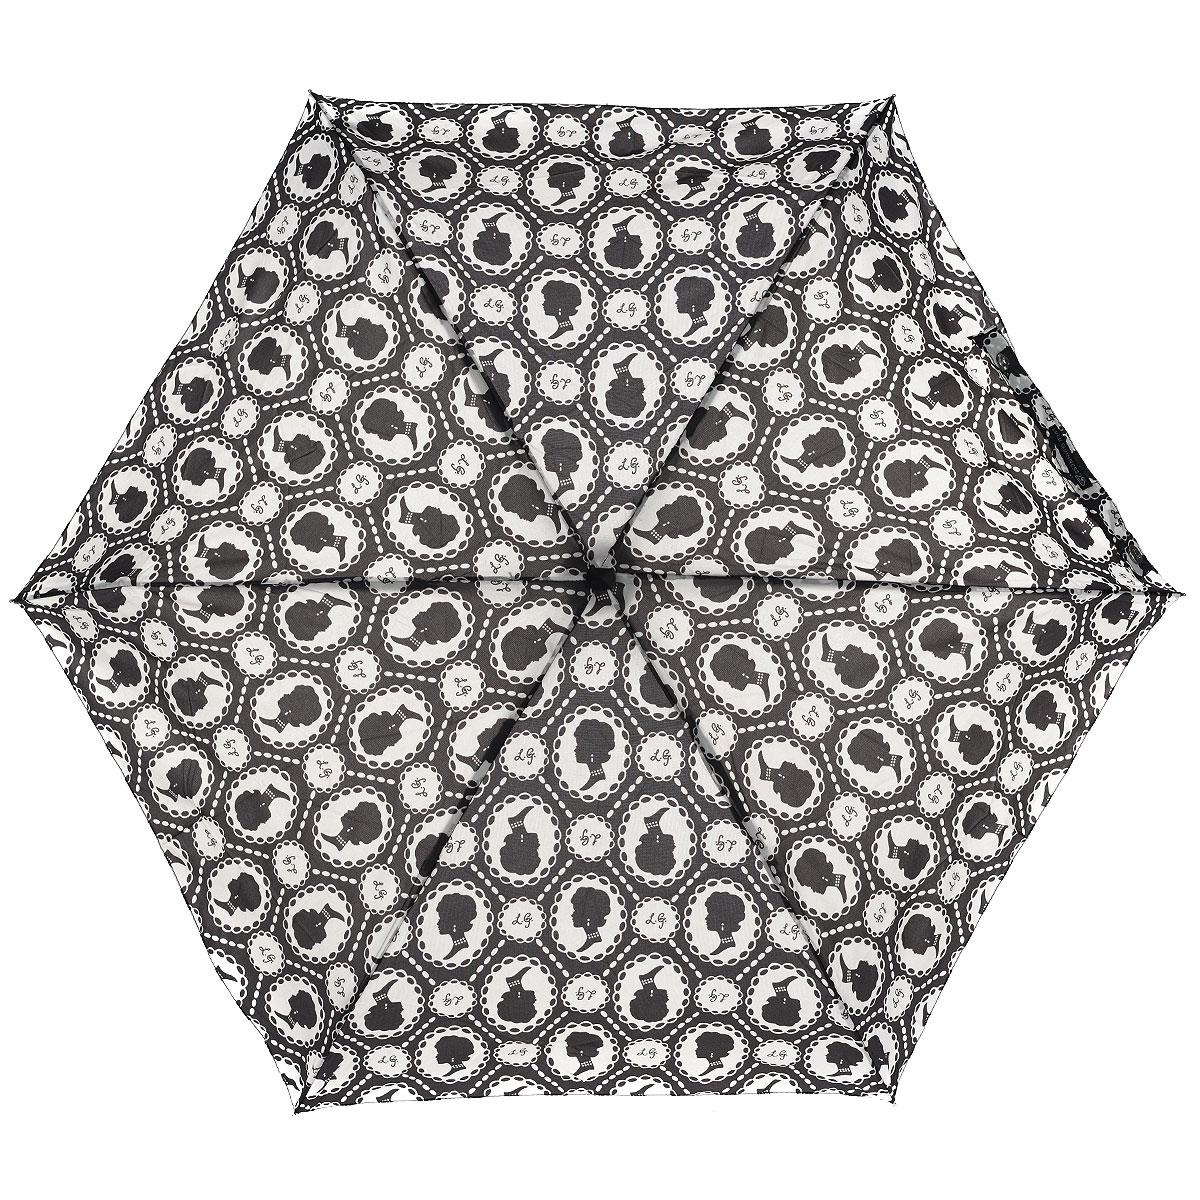 """Зонт женский Lulu Guinness Cameo, механический, 5 сложений, цвет: черный, белыйL717 2F2405Стильный зонт """"Cameo"""" защитит от непогоды, а его сверхкомпактный размер позволит вам всегда носить его с собой. """"Ветростойкий"""" плоский каркас зонта выполнен из алюминия и состоит из шести спиц с элементами из фибергласса, зонт оснащен удобной рукояткой из пластика. Купол зонта выполнен из прочного полиэстера и оформлен принтом в виде камей. На рукоятке для удобства есть небольшой шнурок, позволяющий надеть зонт на руку тогда, когда это будет необходимо. К зонту прилагается чехол. Зонт механического сложения: купол открывается и закрывается вручную, стержень также складывается вручную до характерного щелчка."""